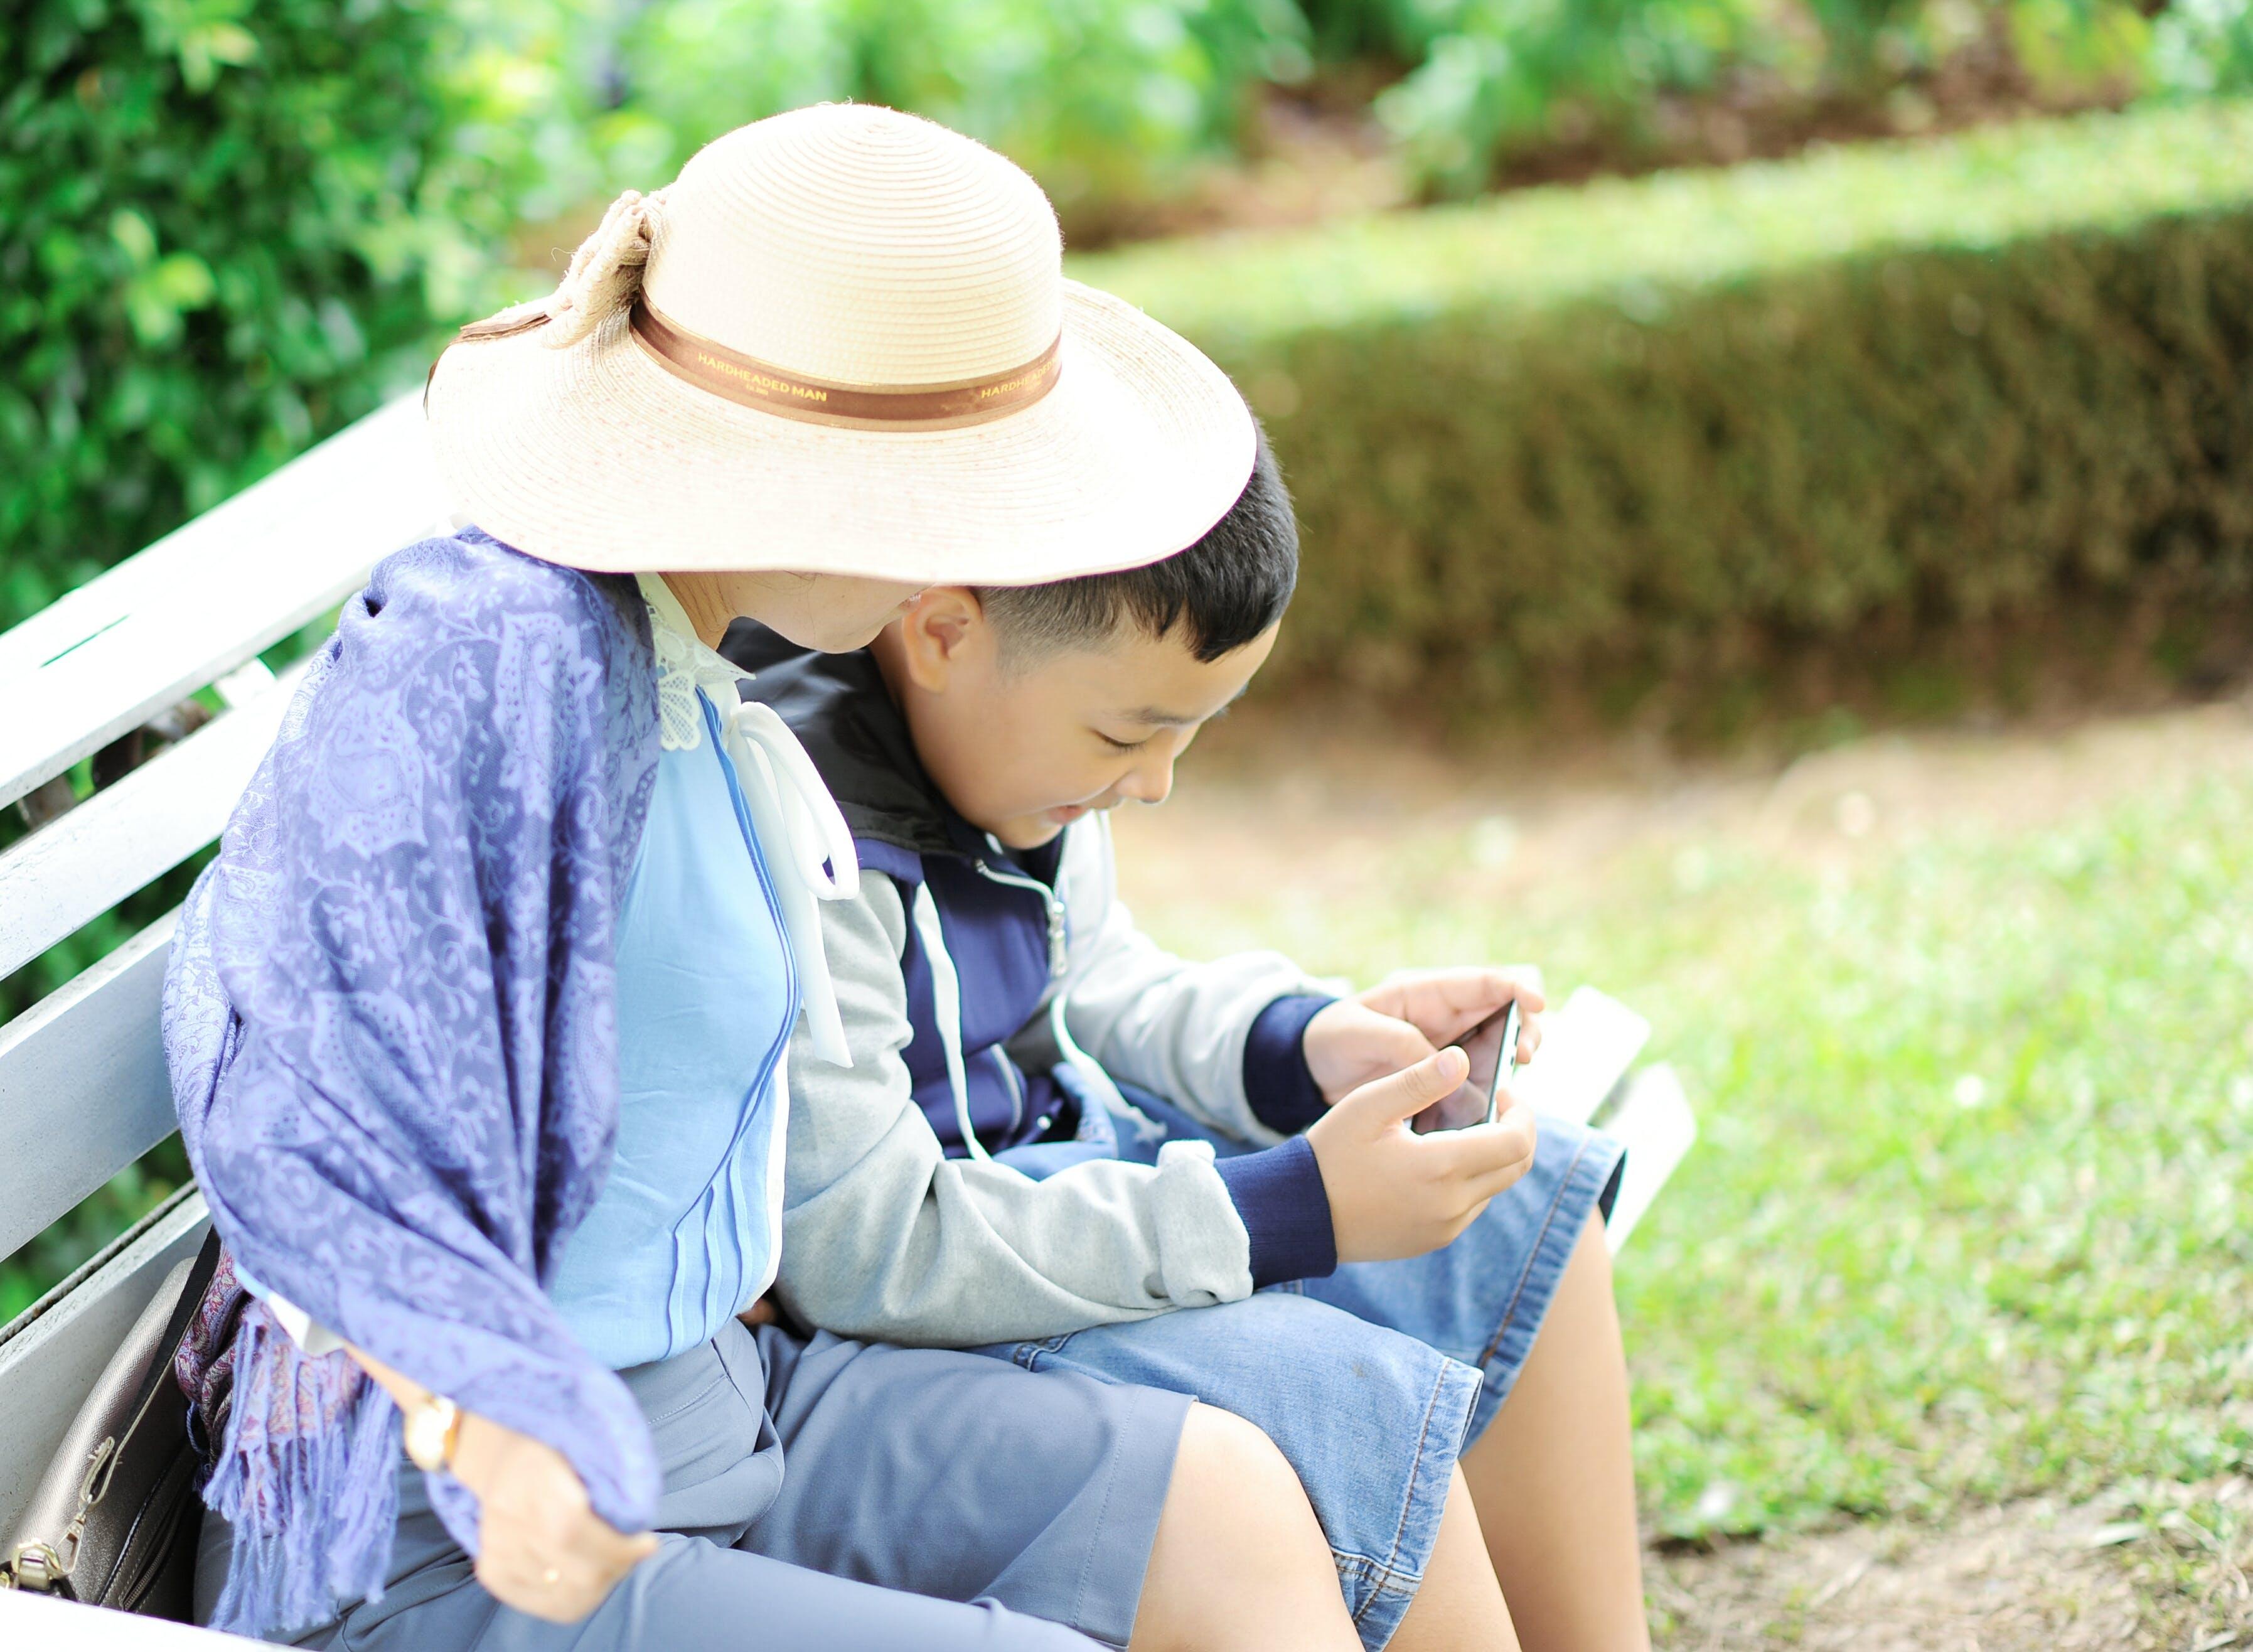 享受, 休閒, 兒童, 公園 的 免费素材照片